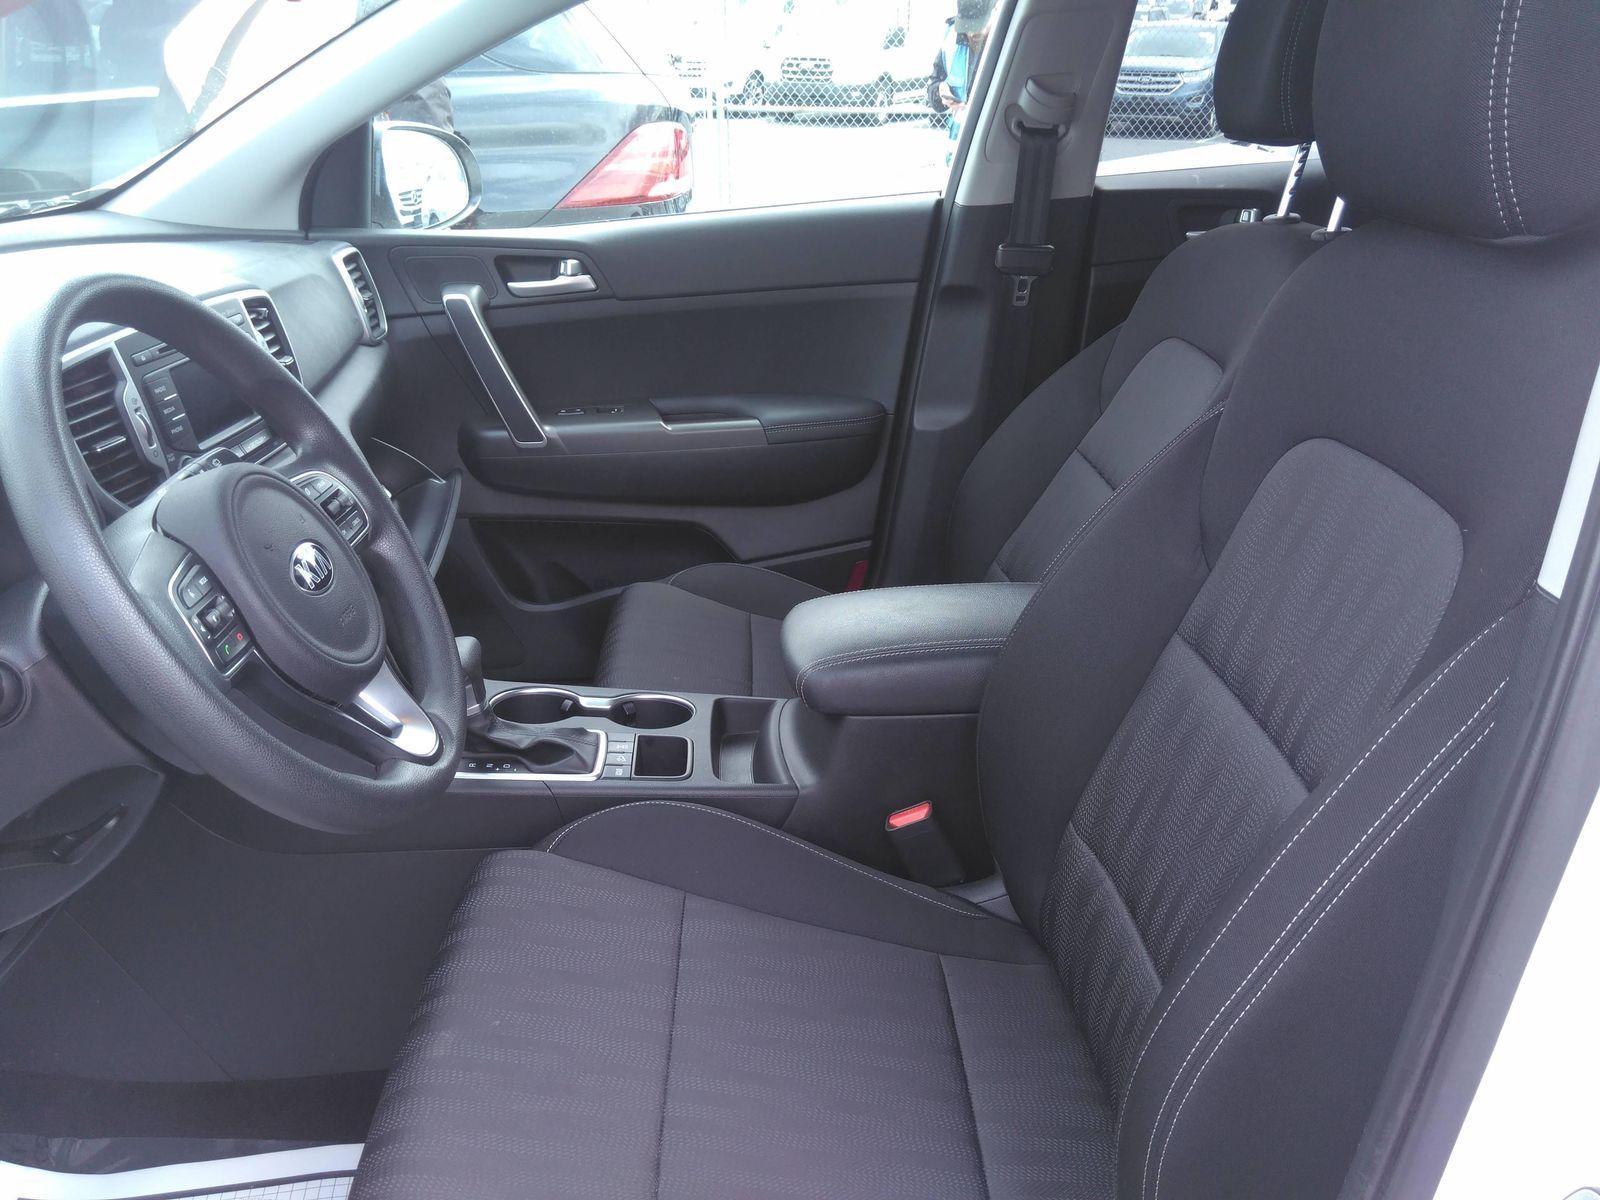 2019 KIA SPORTAGE AWD 4C LX - 7